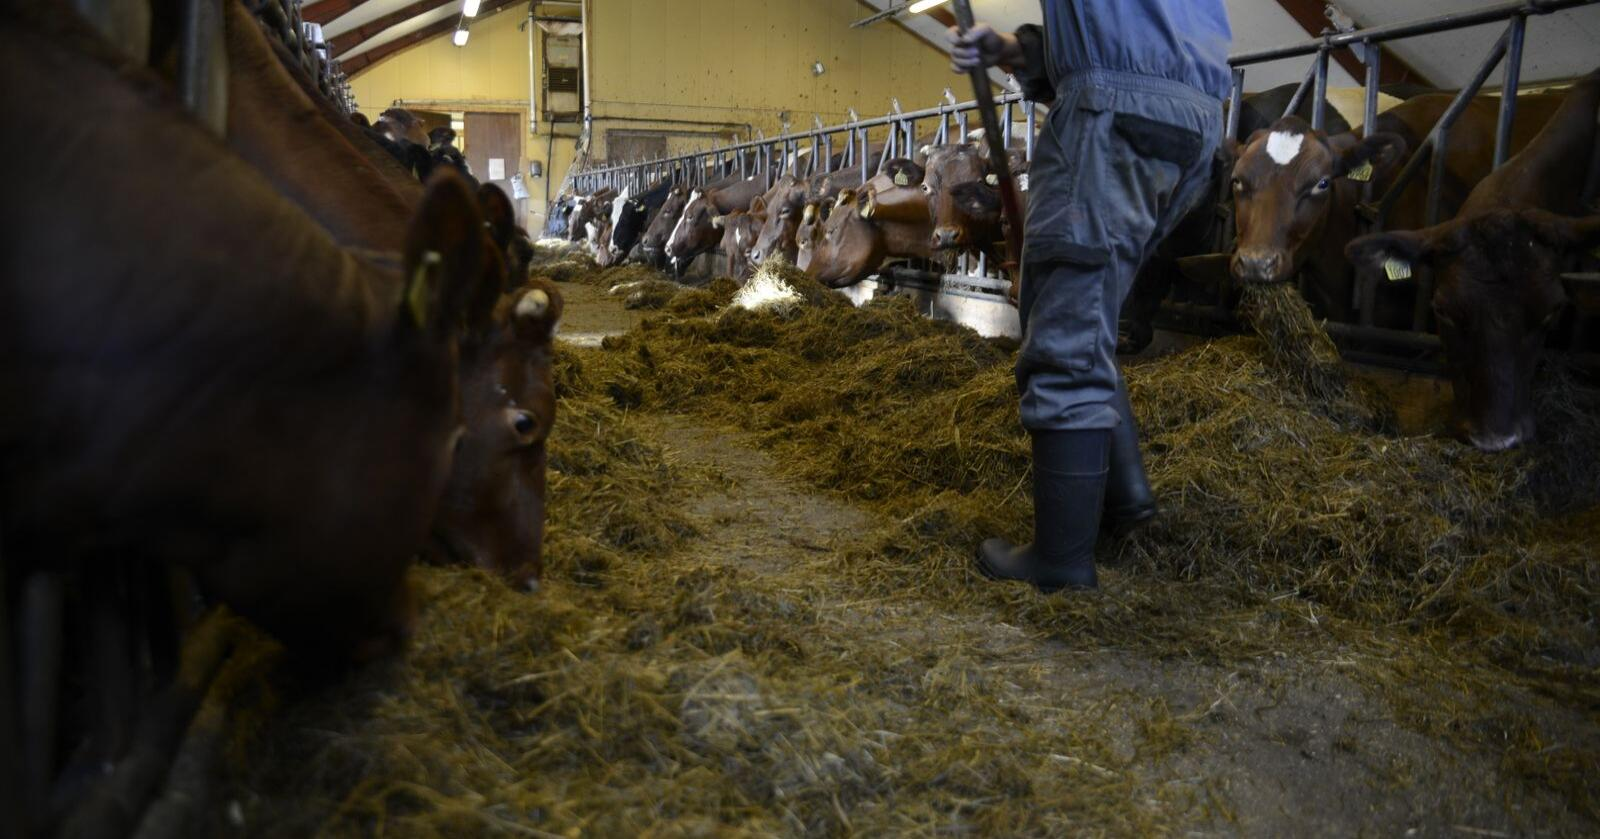 Antall melkebønder er nede på 7150 produsenter i Norge. Illustrasjonsfoto: Mariann Tvete